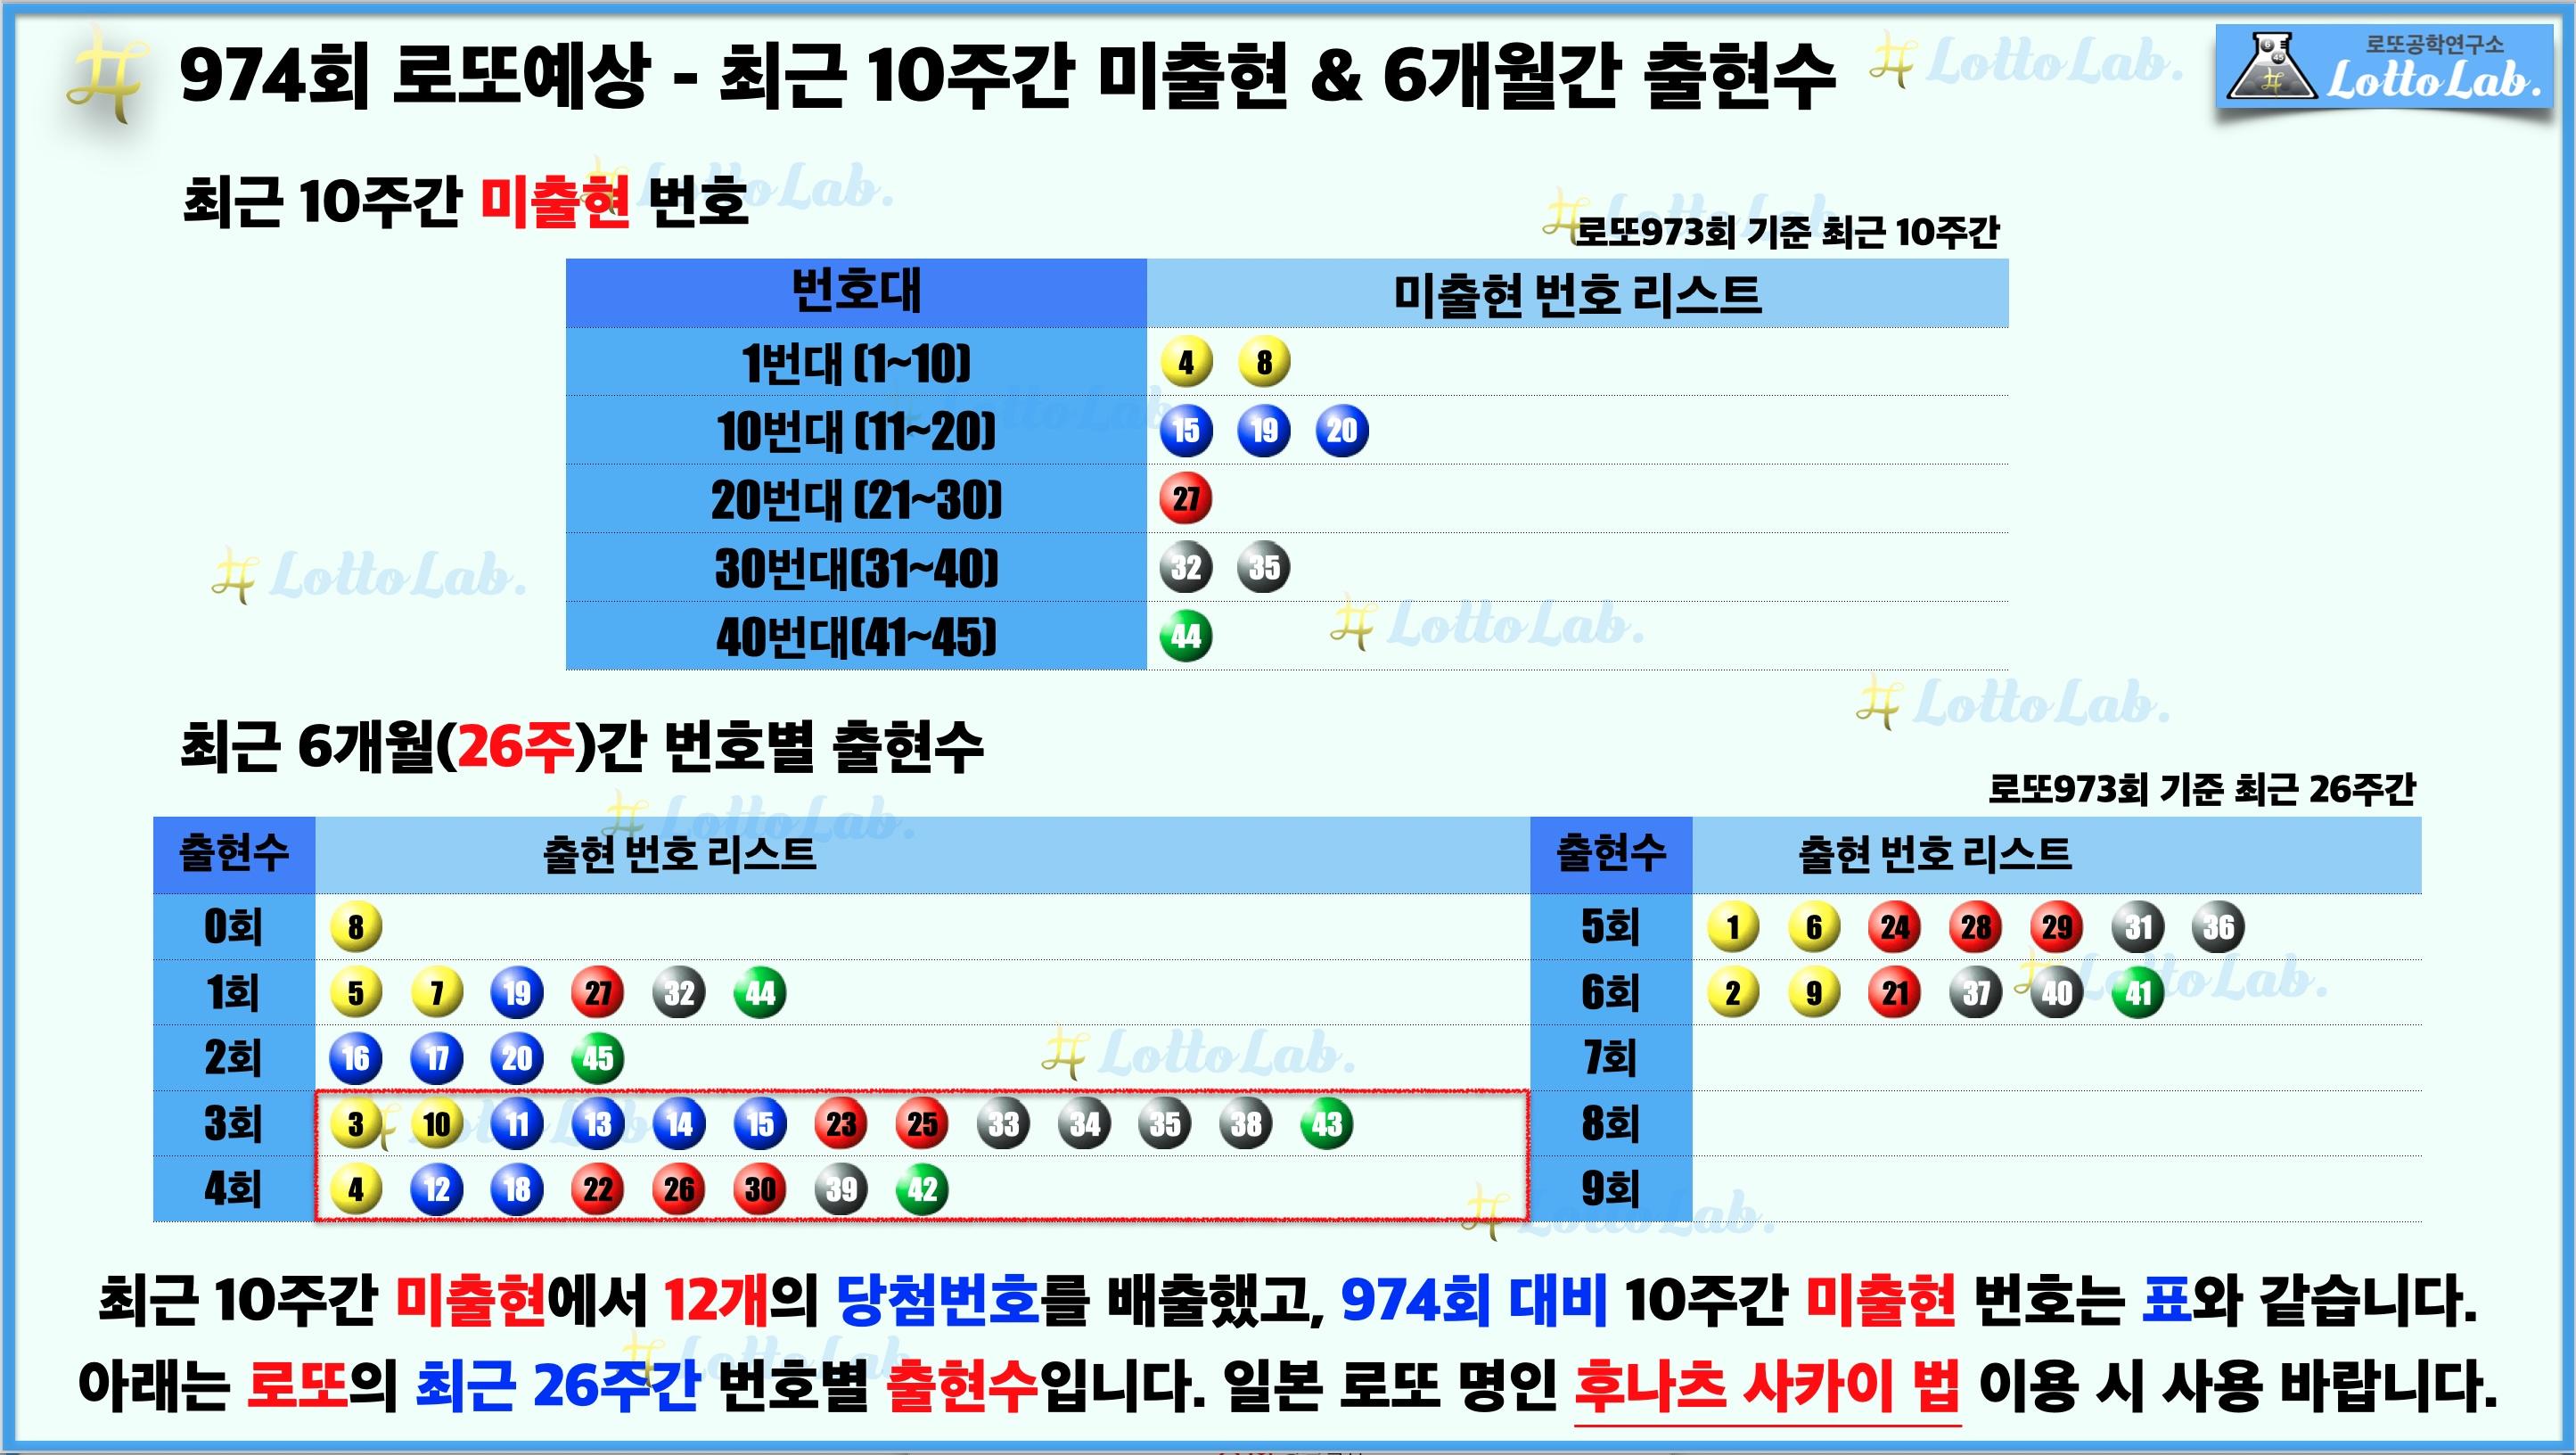 로또랩 로또974 당첨 번호 예상 - 미출현 출현수